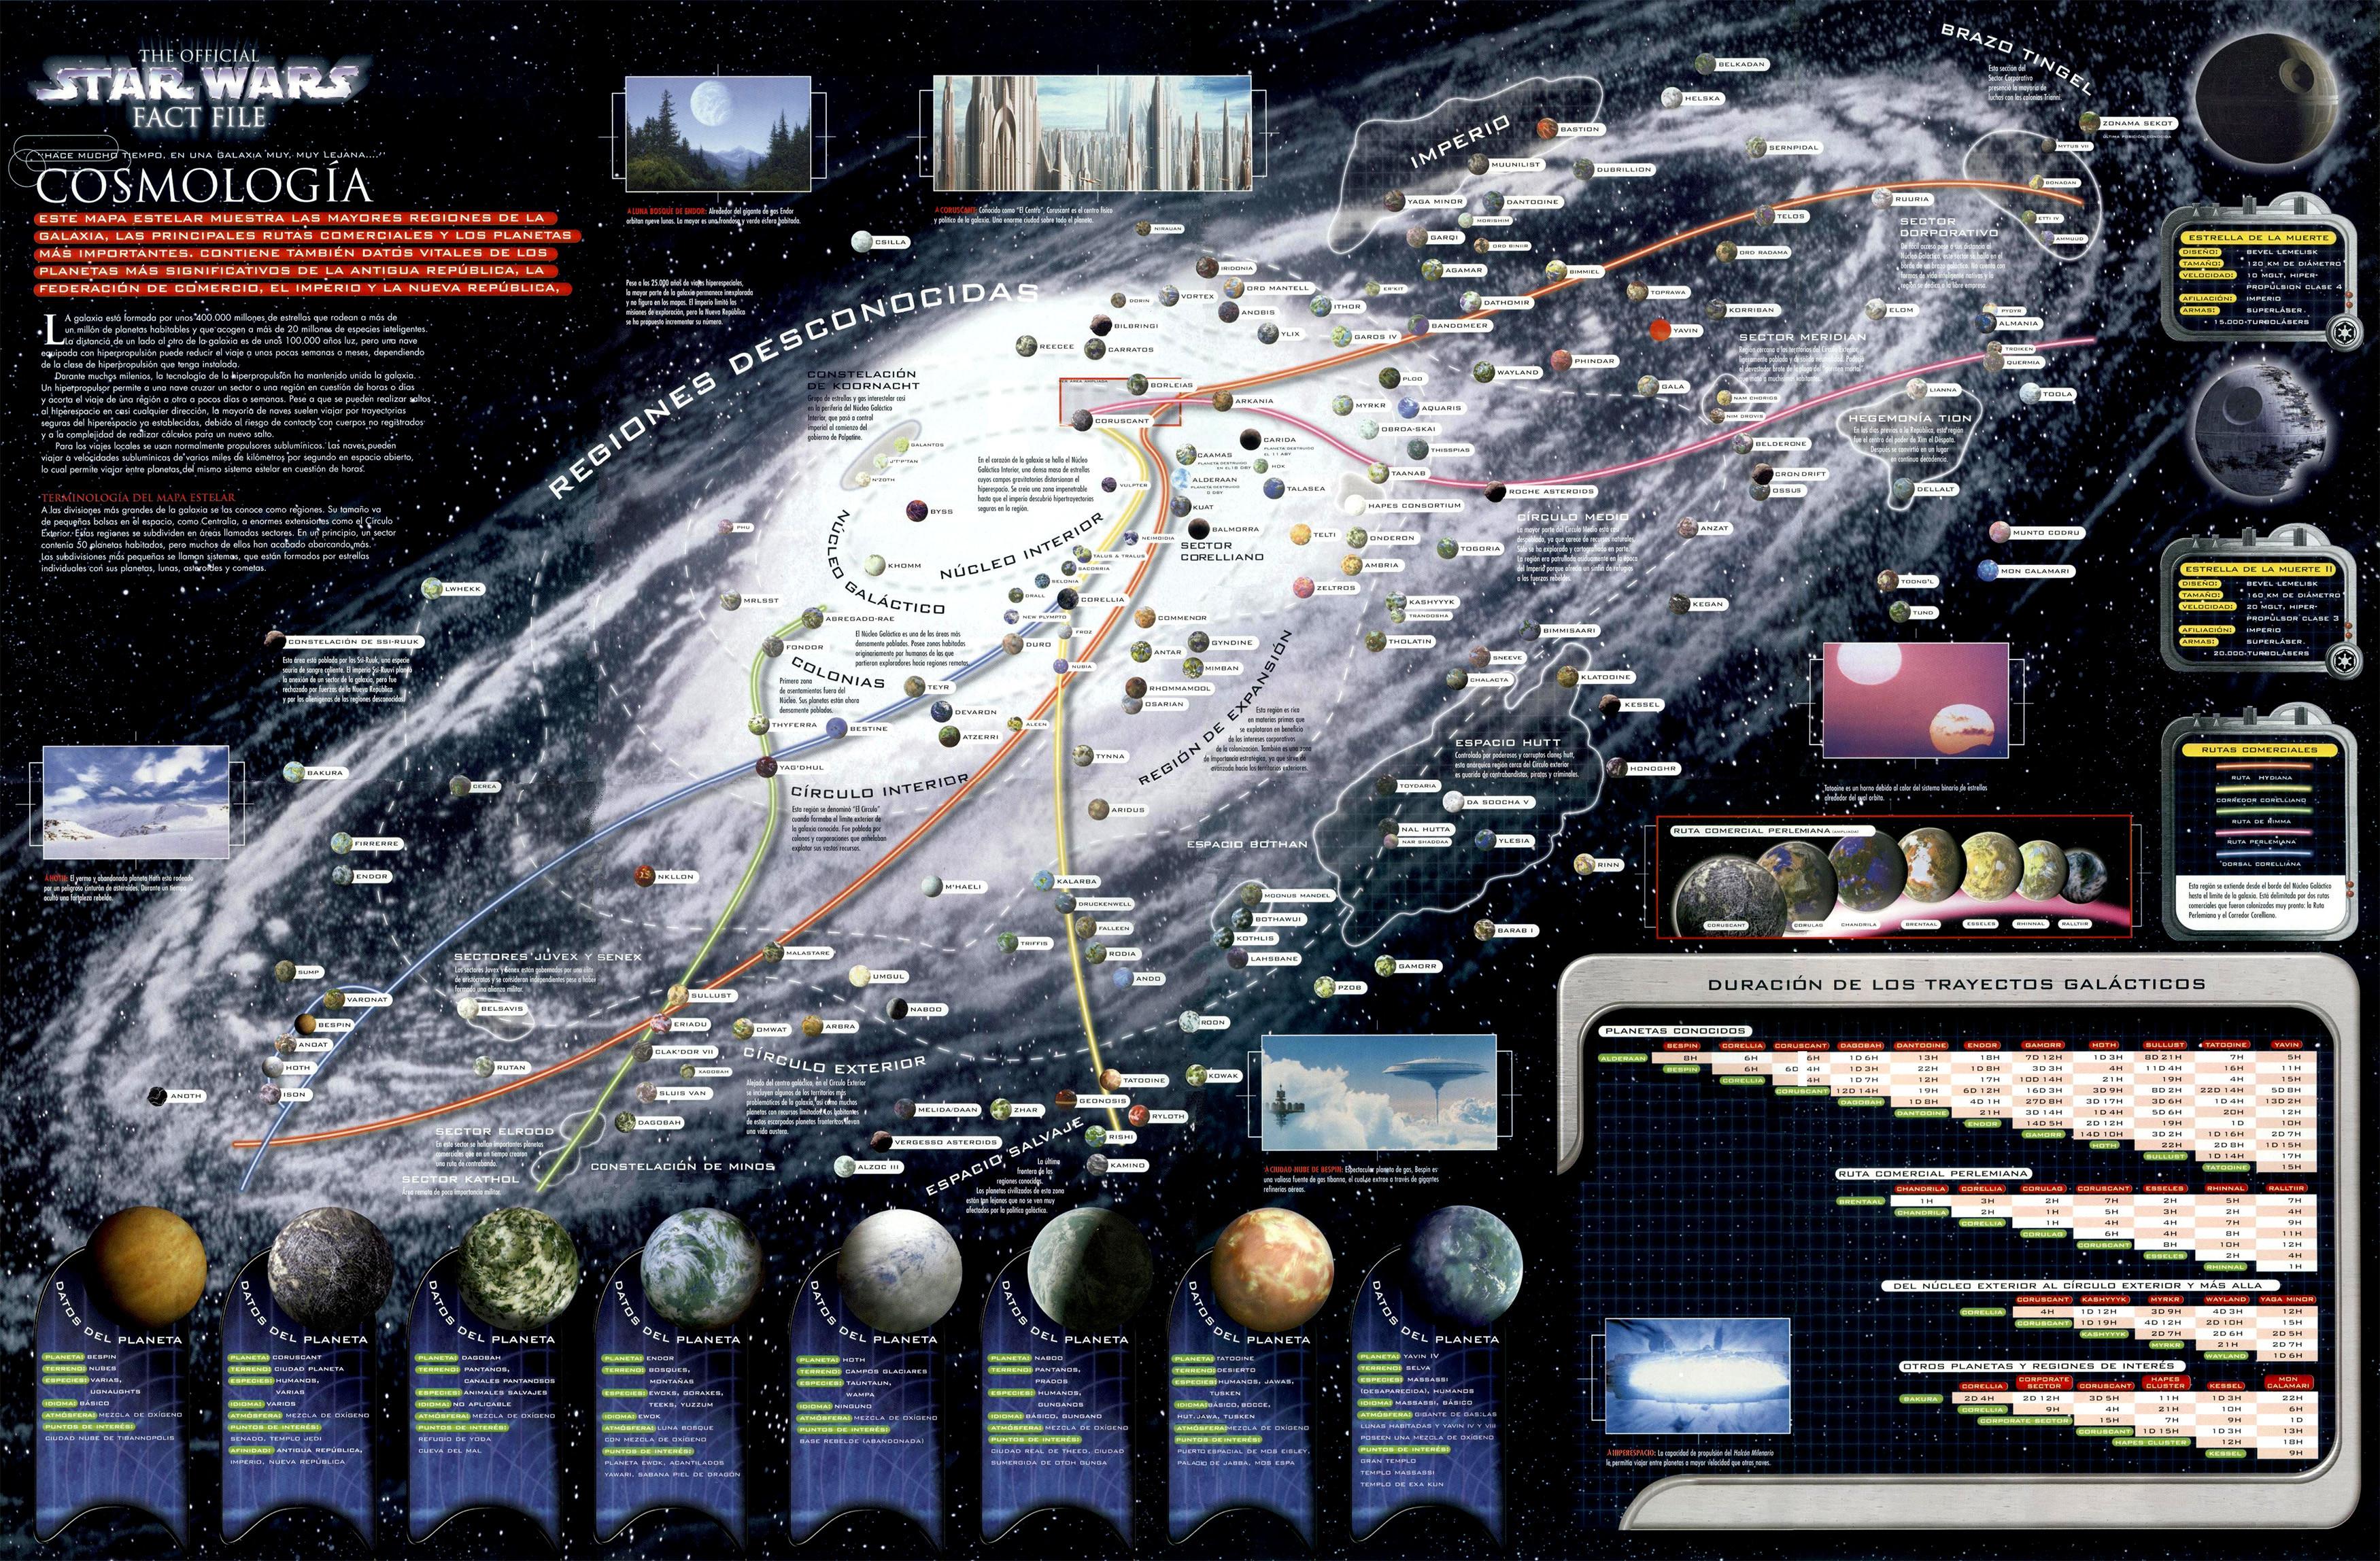 galaxia-star-wars